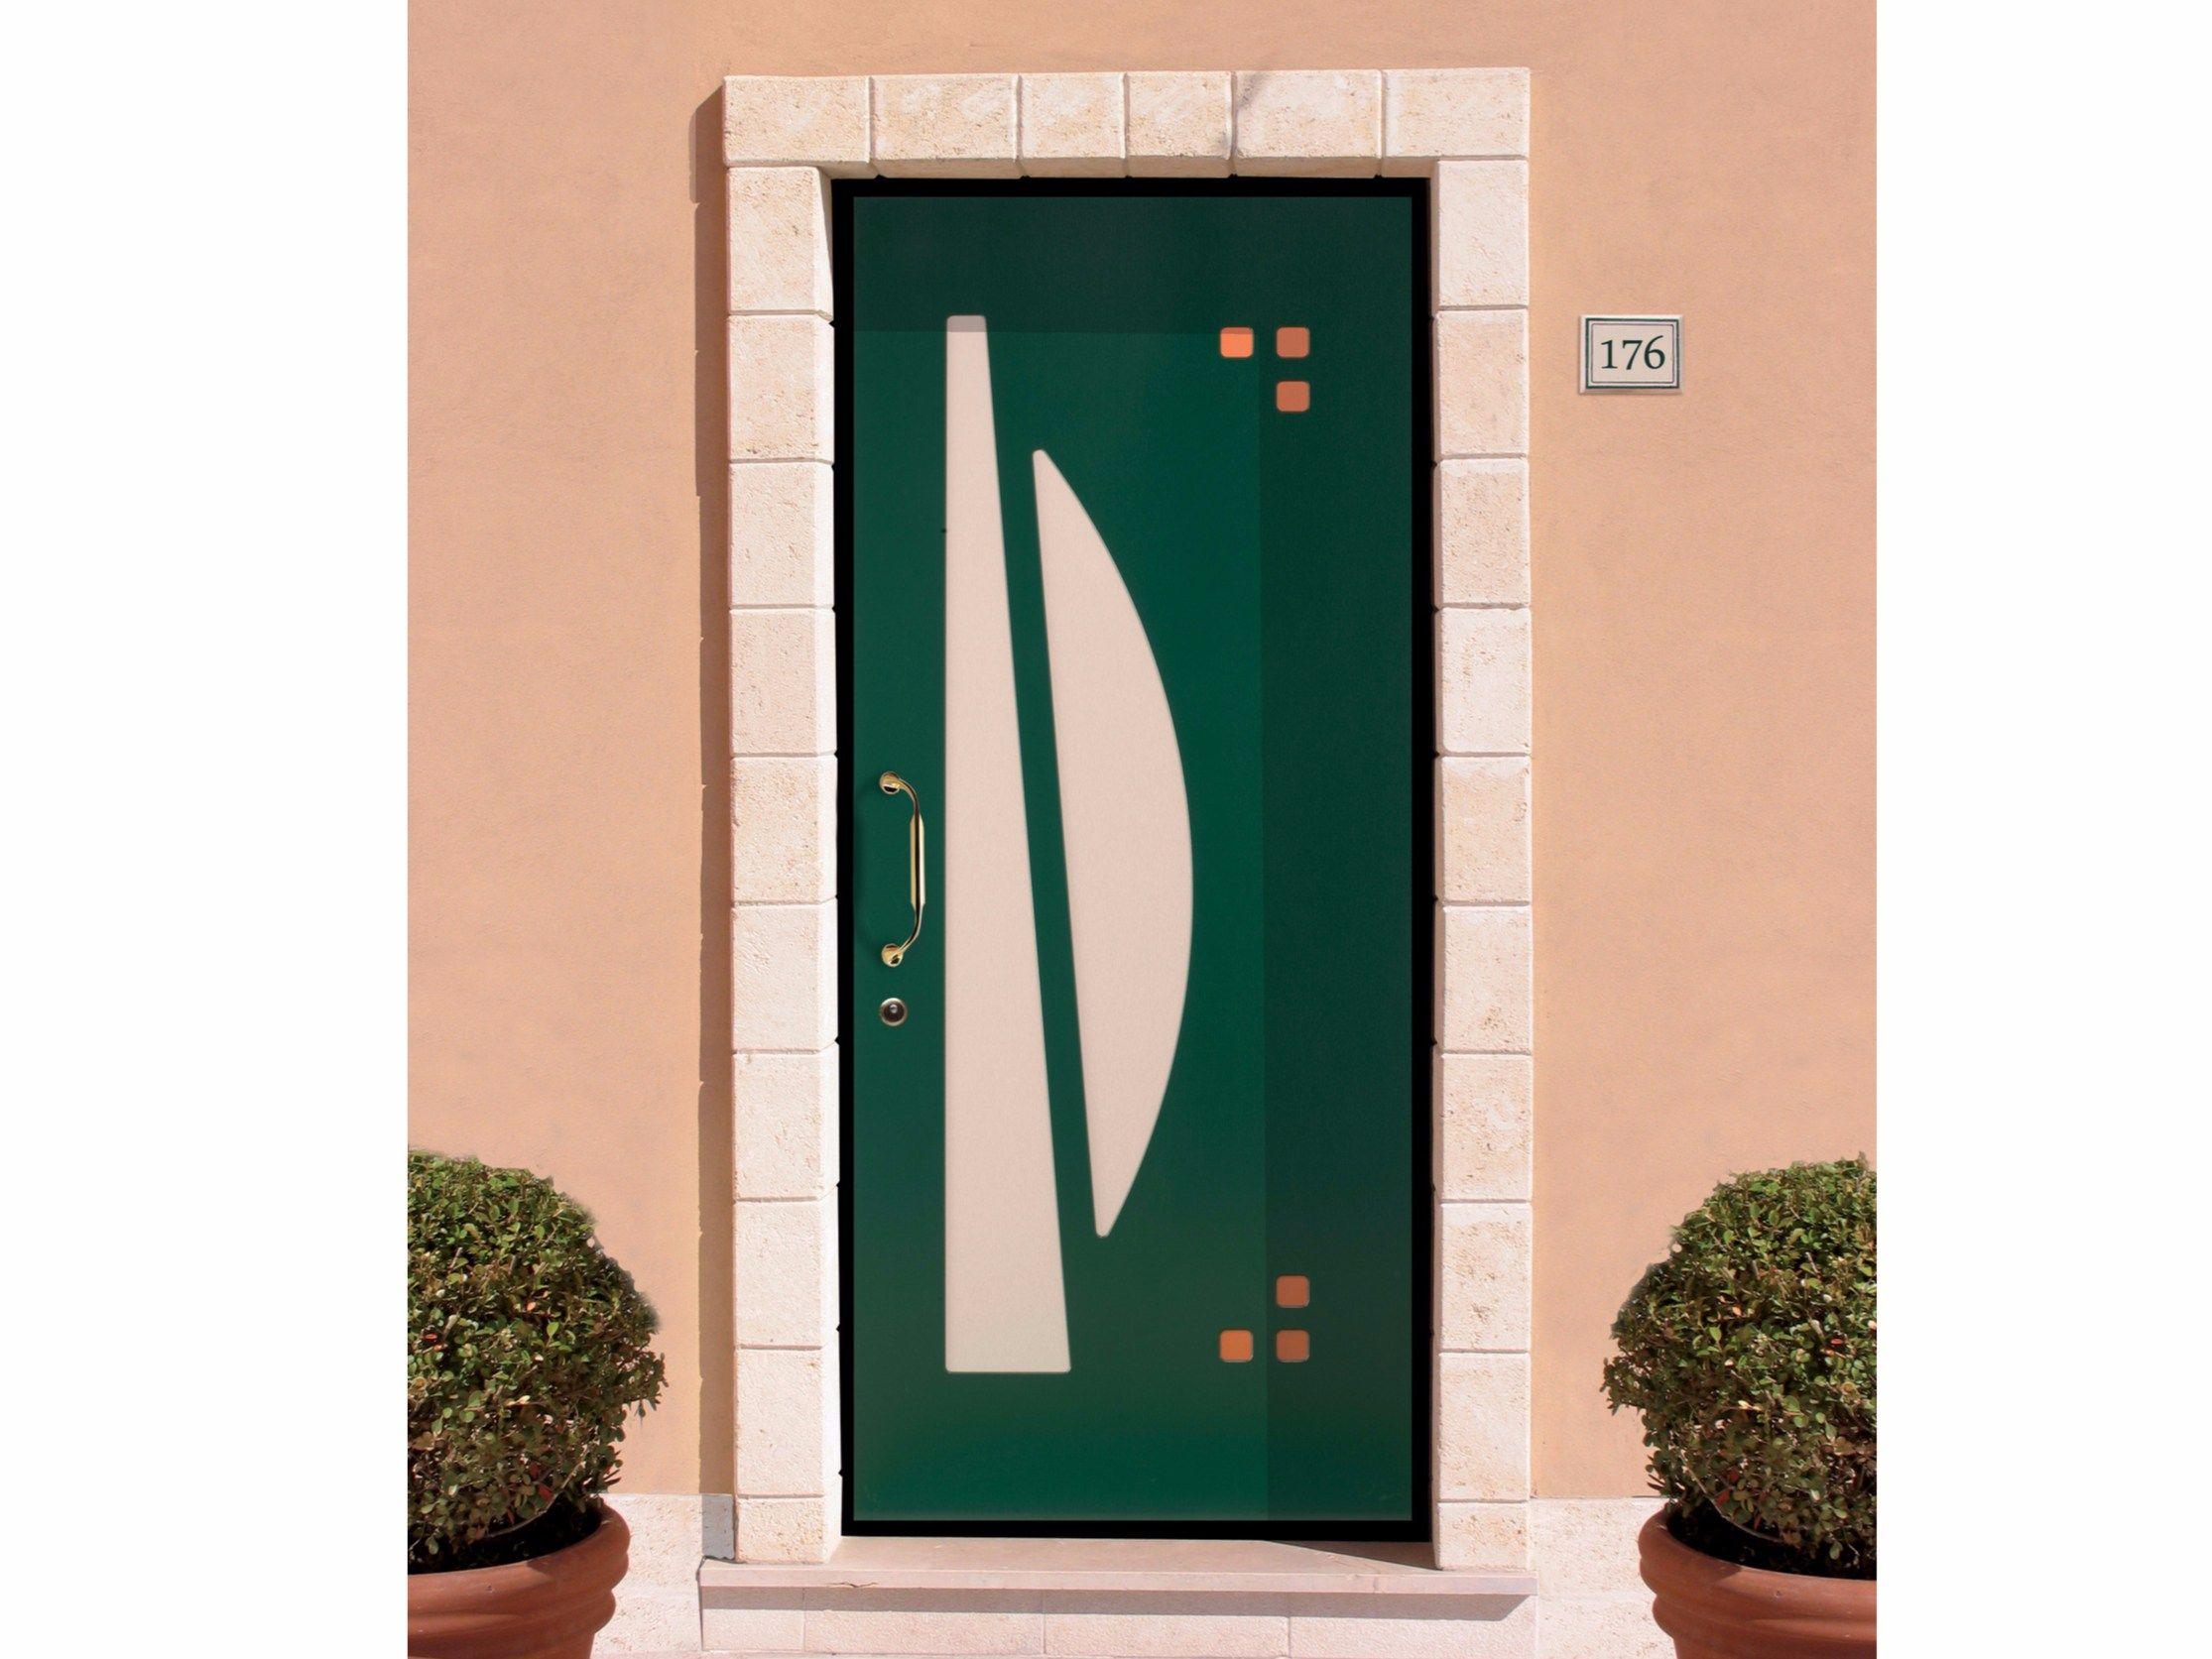 Pannello di rivestimento per porte blindate in pvc bruce - Pannello decorativo per porte ...